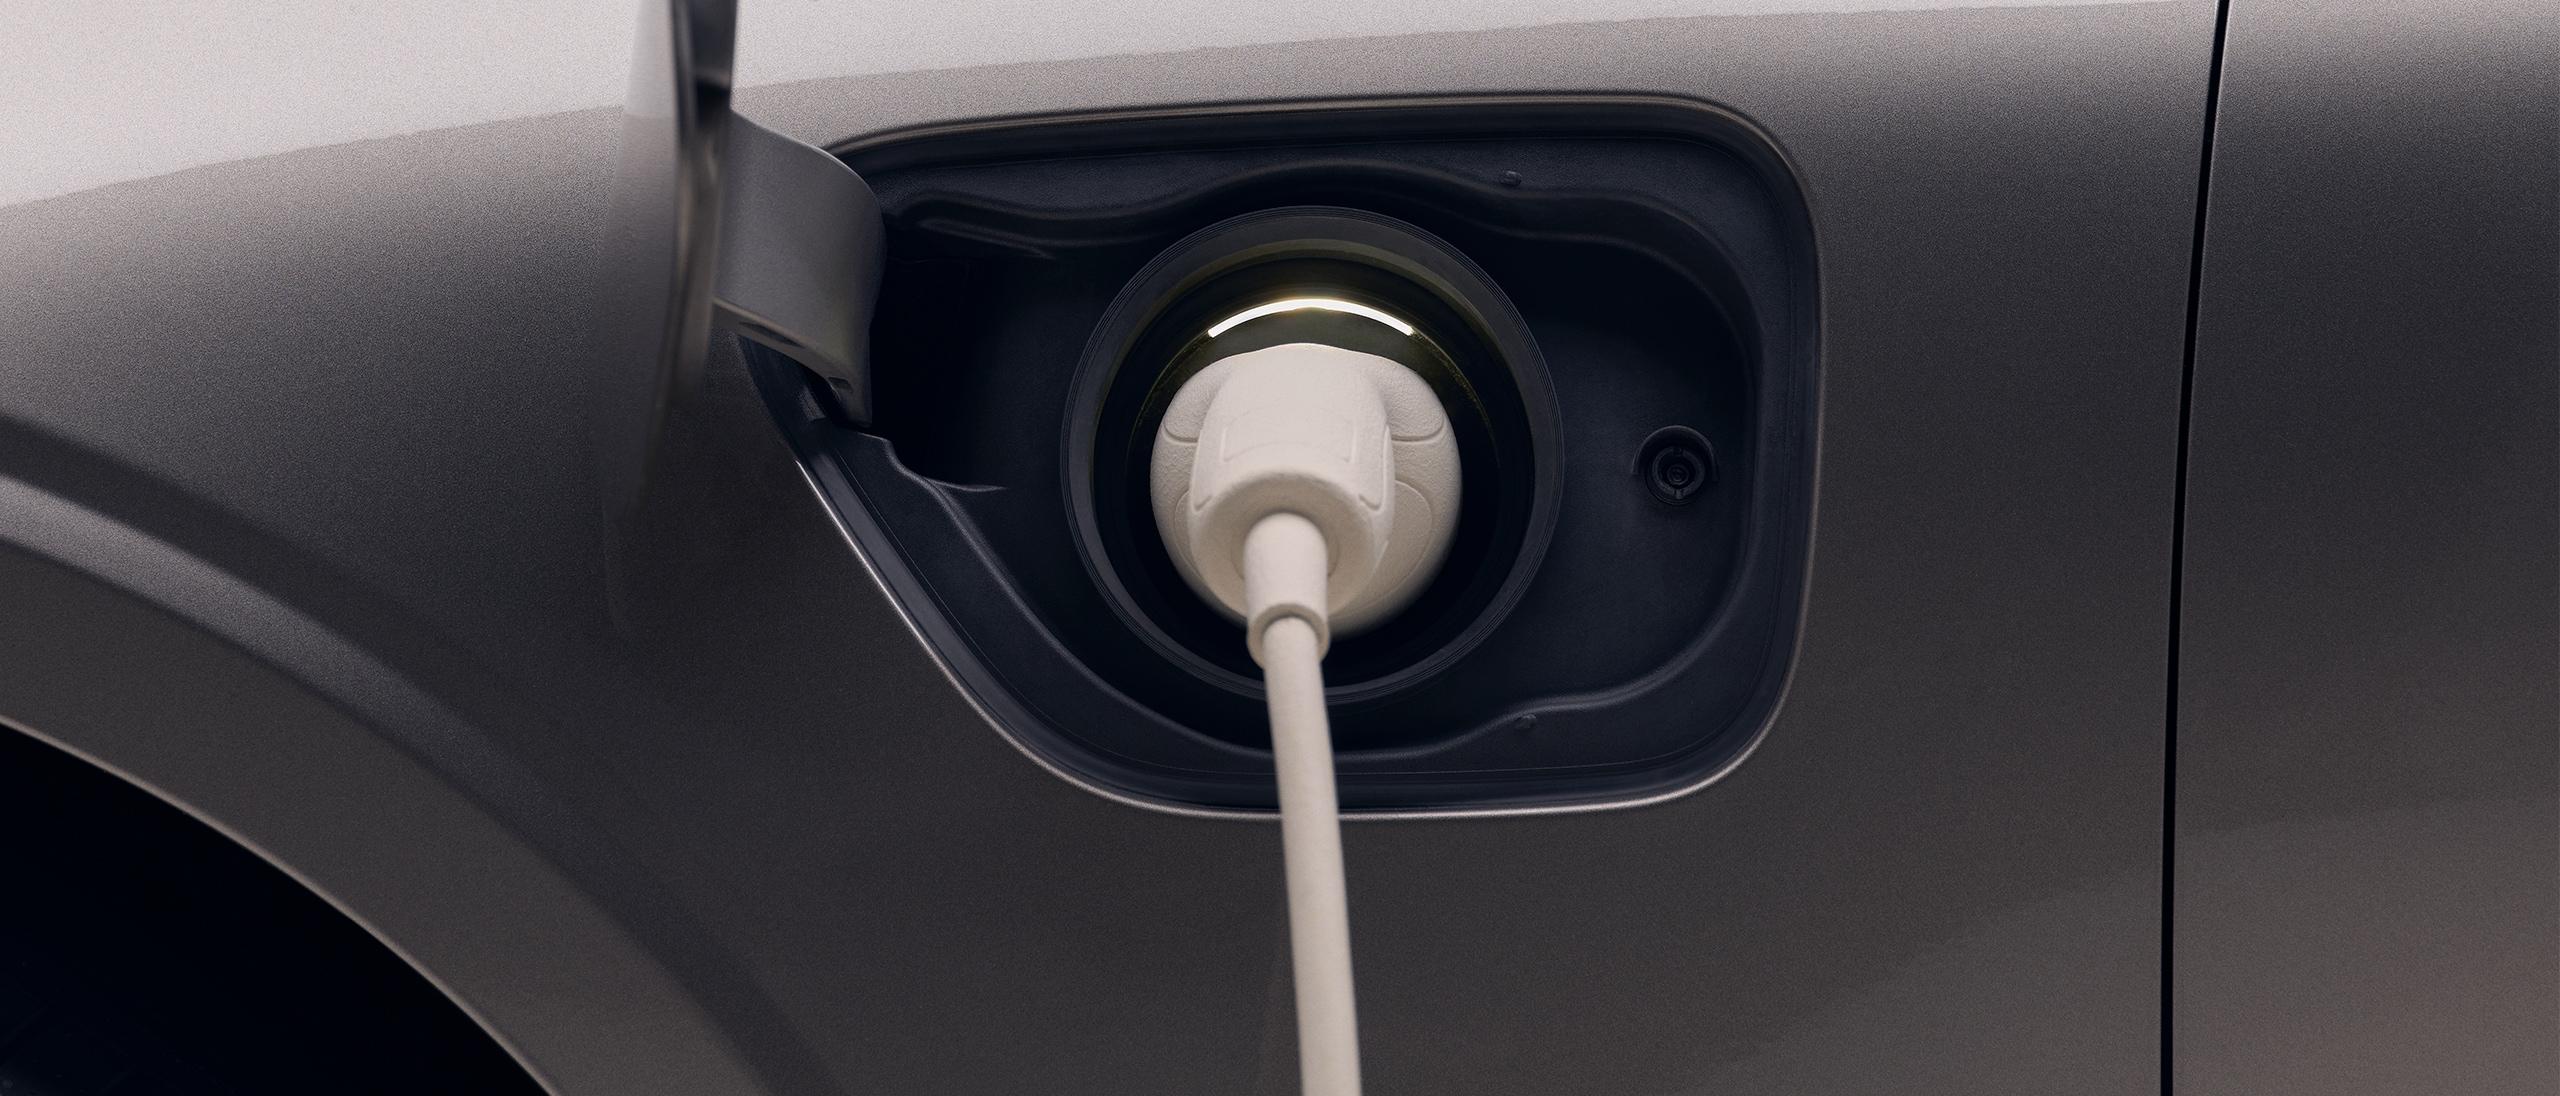 Grande plano da secção frontal esquerda de um novo automóvel elétrico Volvo cinzento, com um cabo de carregamento ligado à porta de carregamento do automóvel.